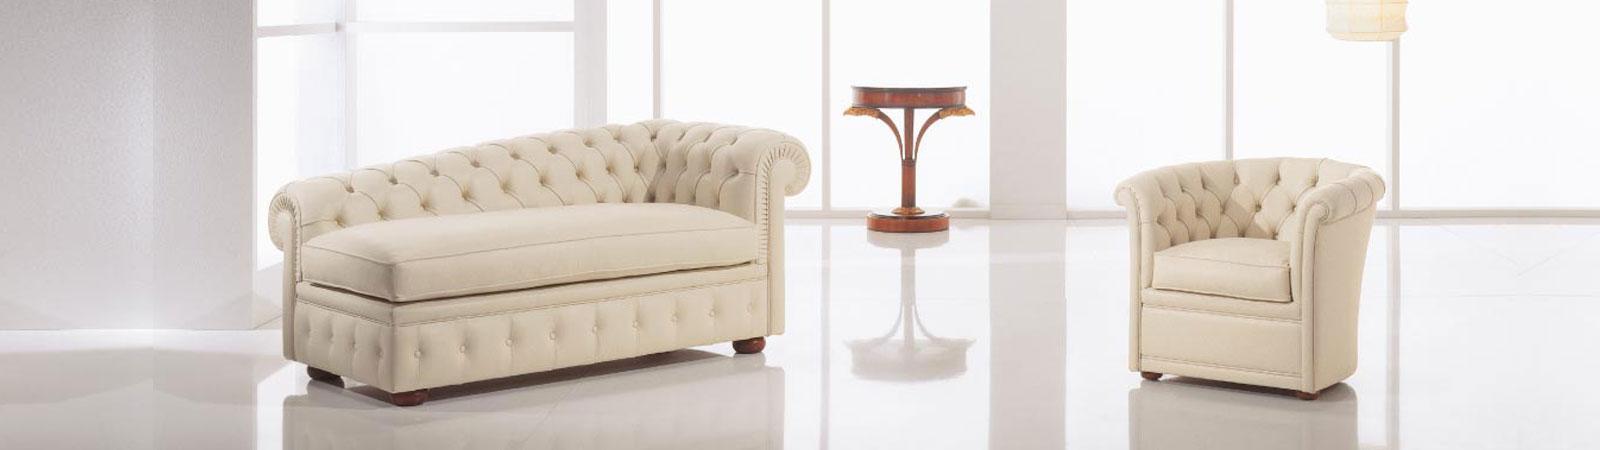 vendita divani como